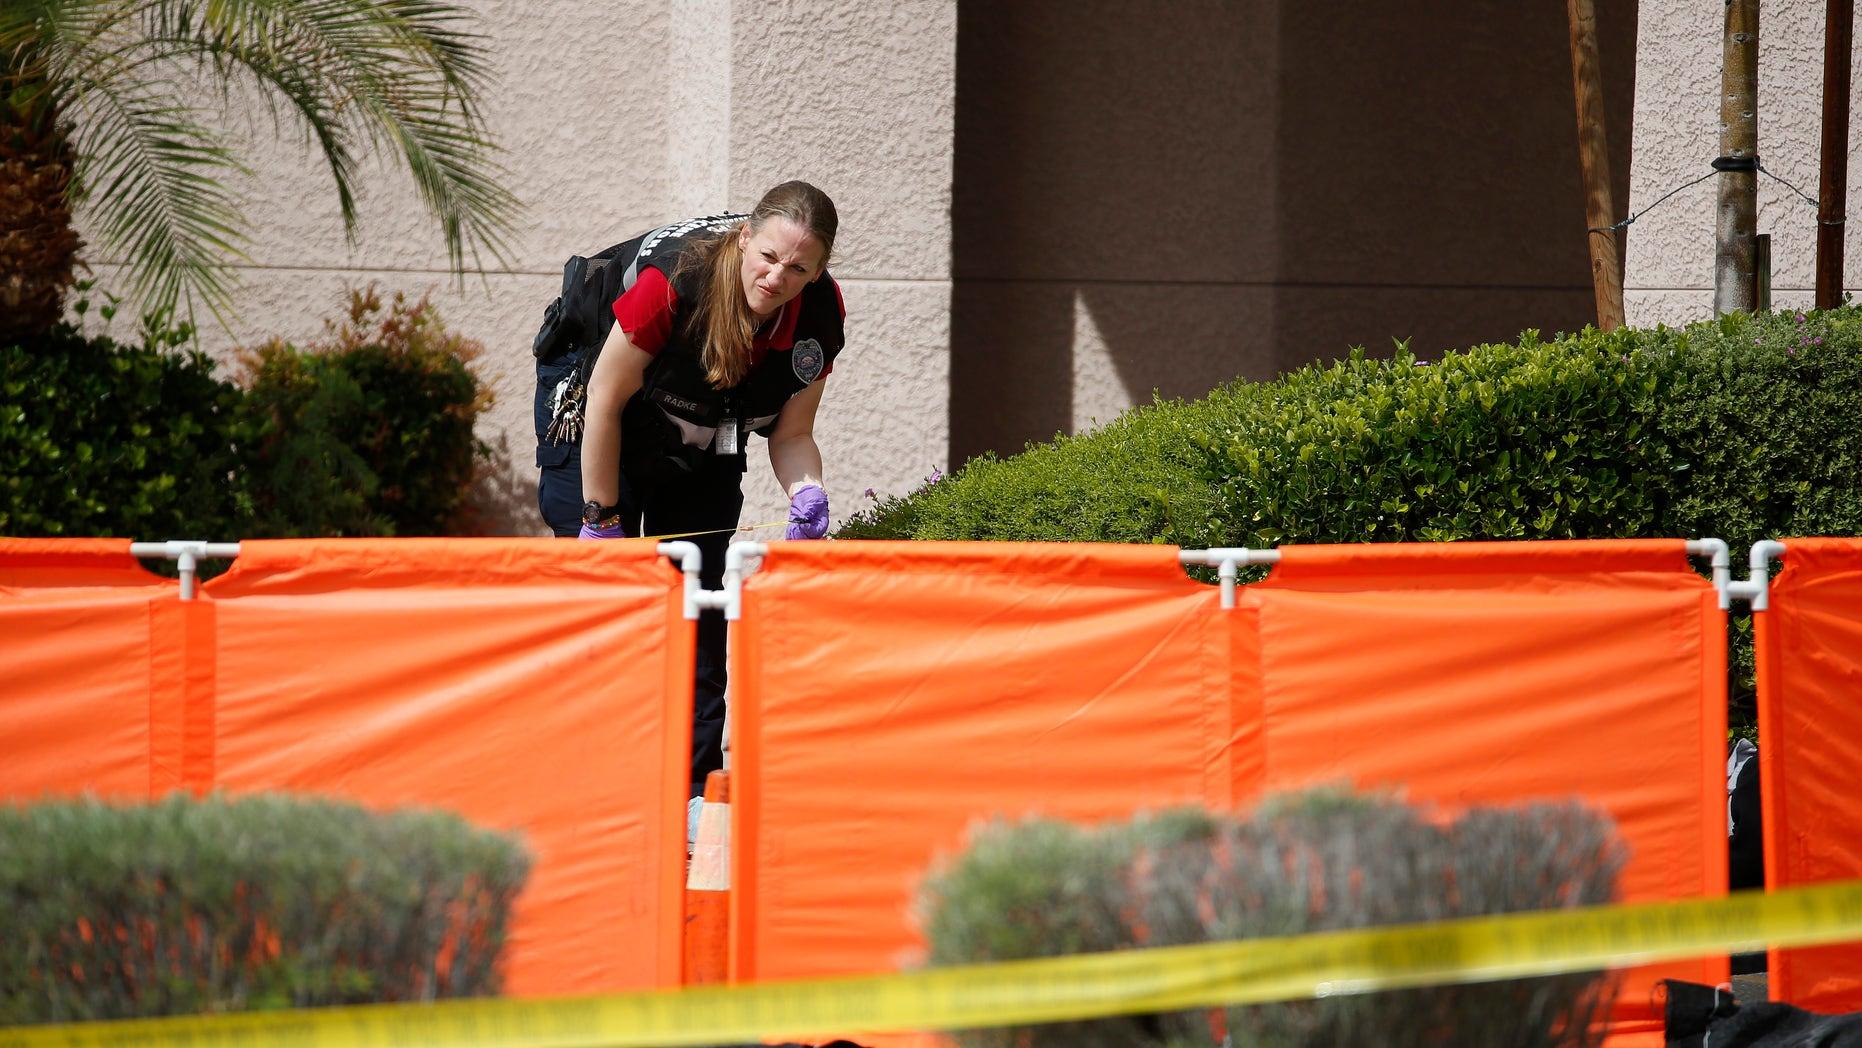 A North Las Vegas investigator at the scene.